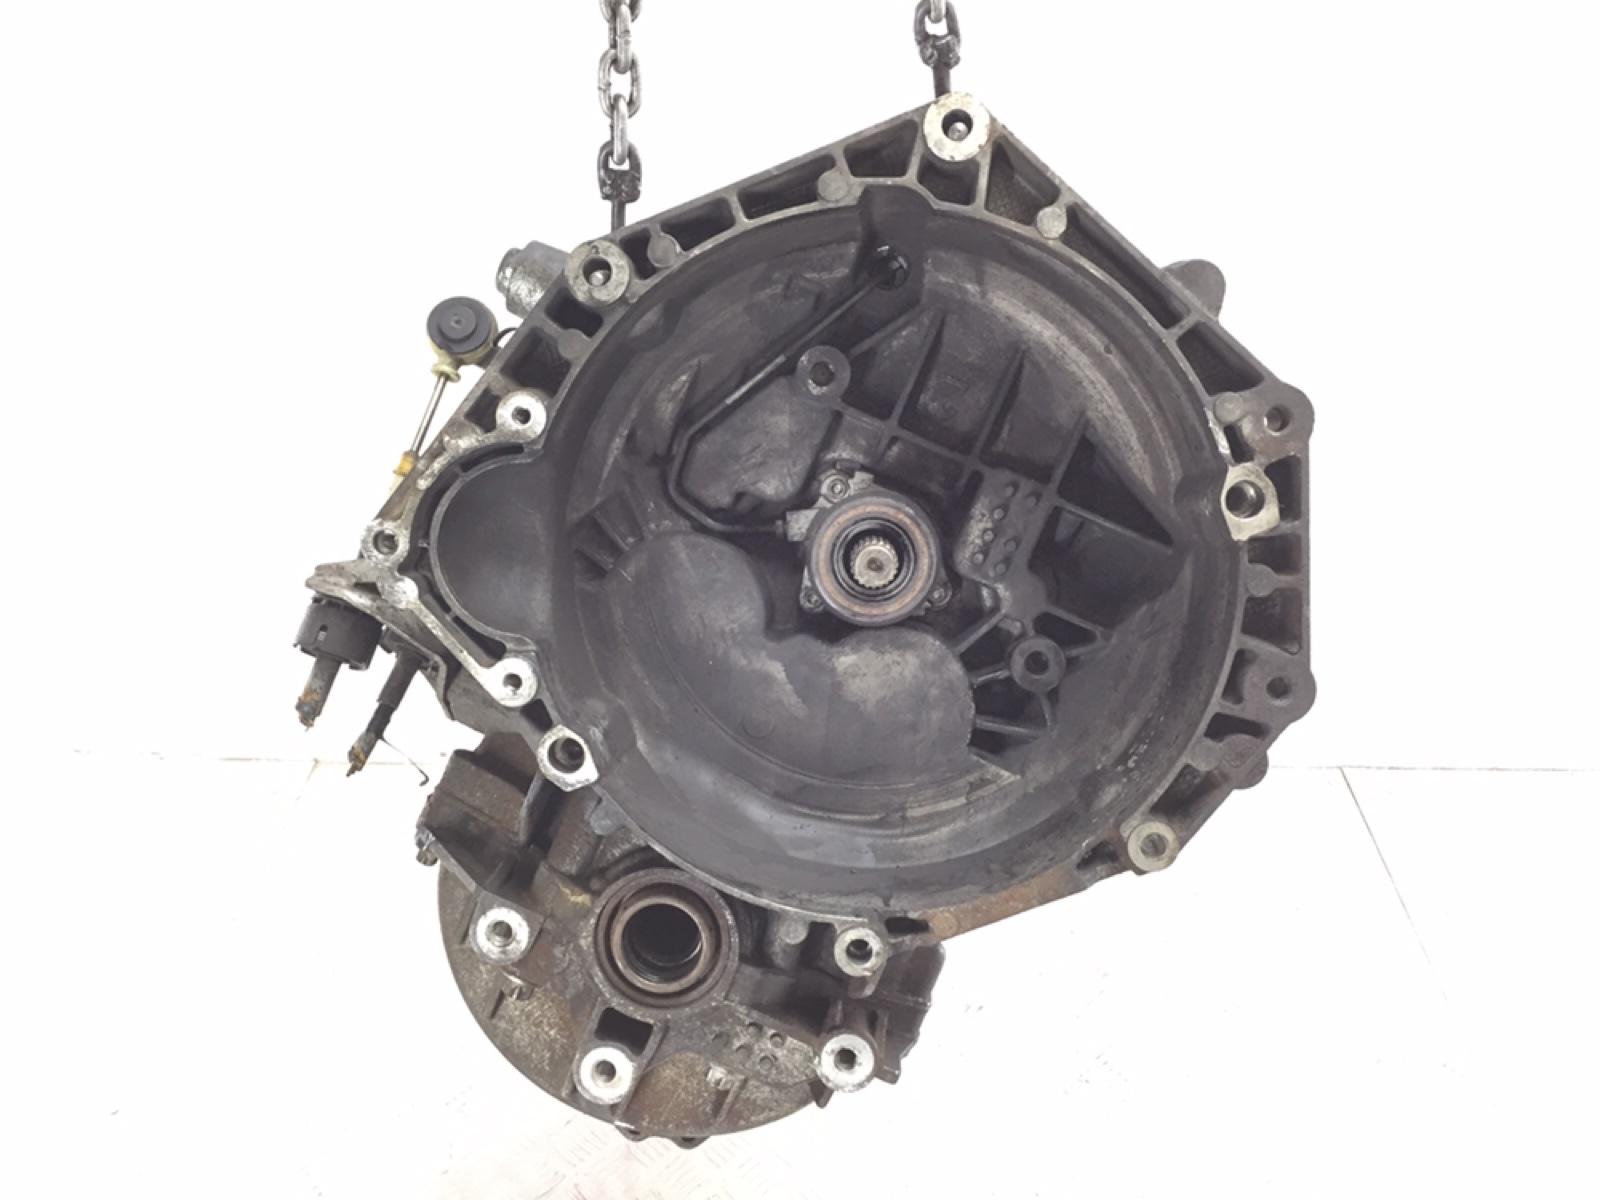 Кпп механическая (мкпп) Opel Astra H 1.9 CDTI 2008 (б/у)